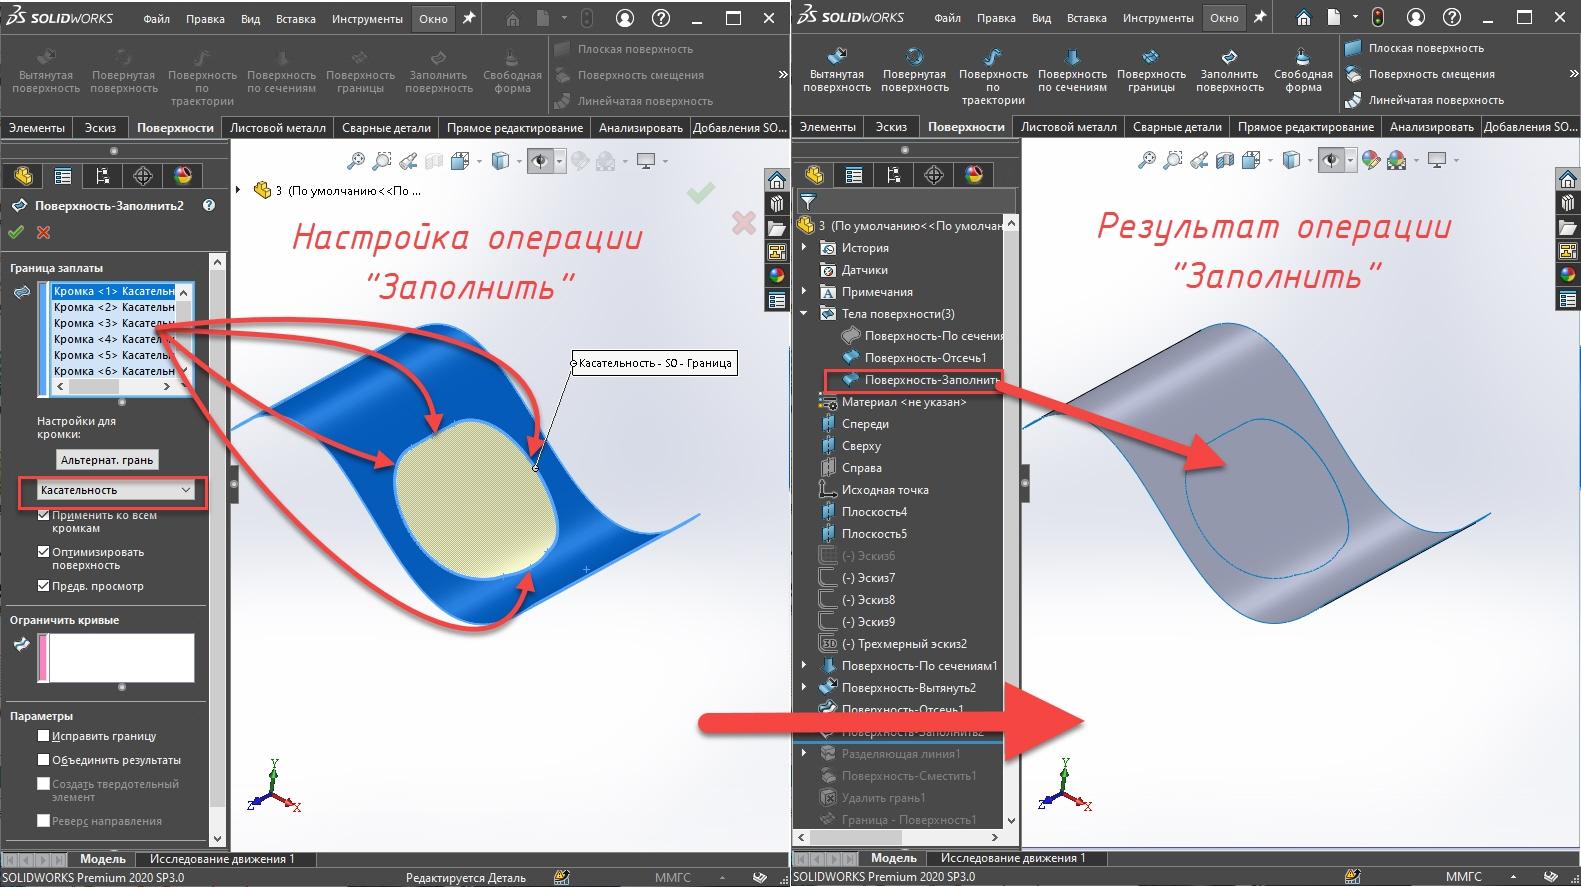 Solidworks поверхности, Solidworks инструменты поверхностного проектирования,  SOLIDWORKS инструмент заполнение, инструмент заполнить поверхность